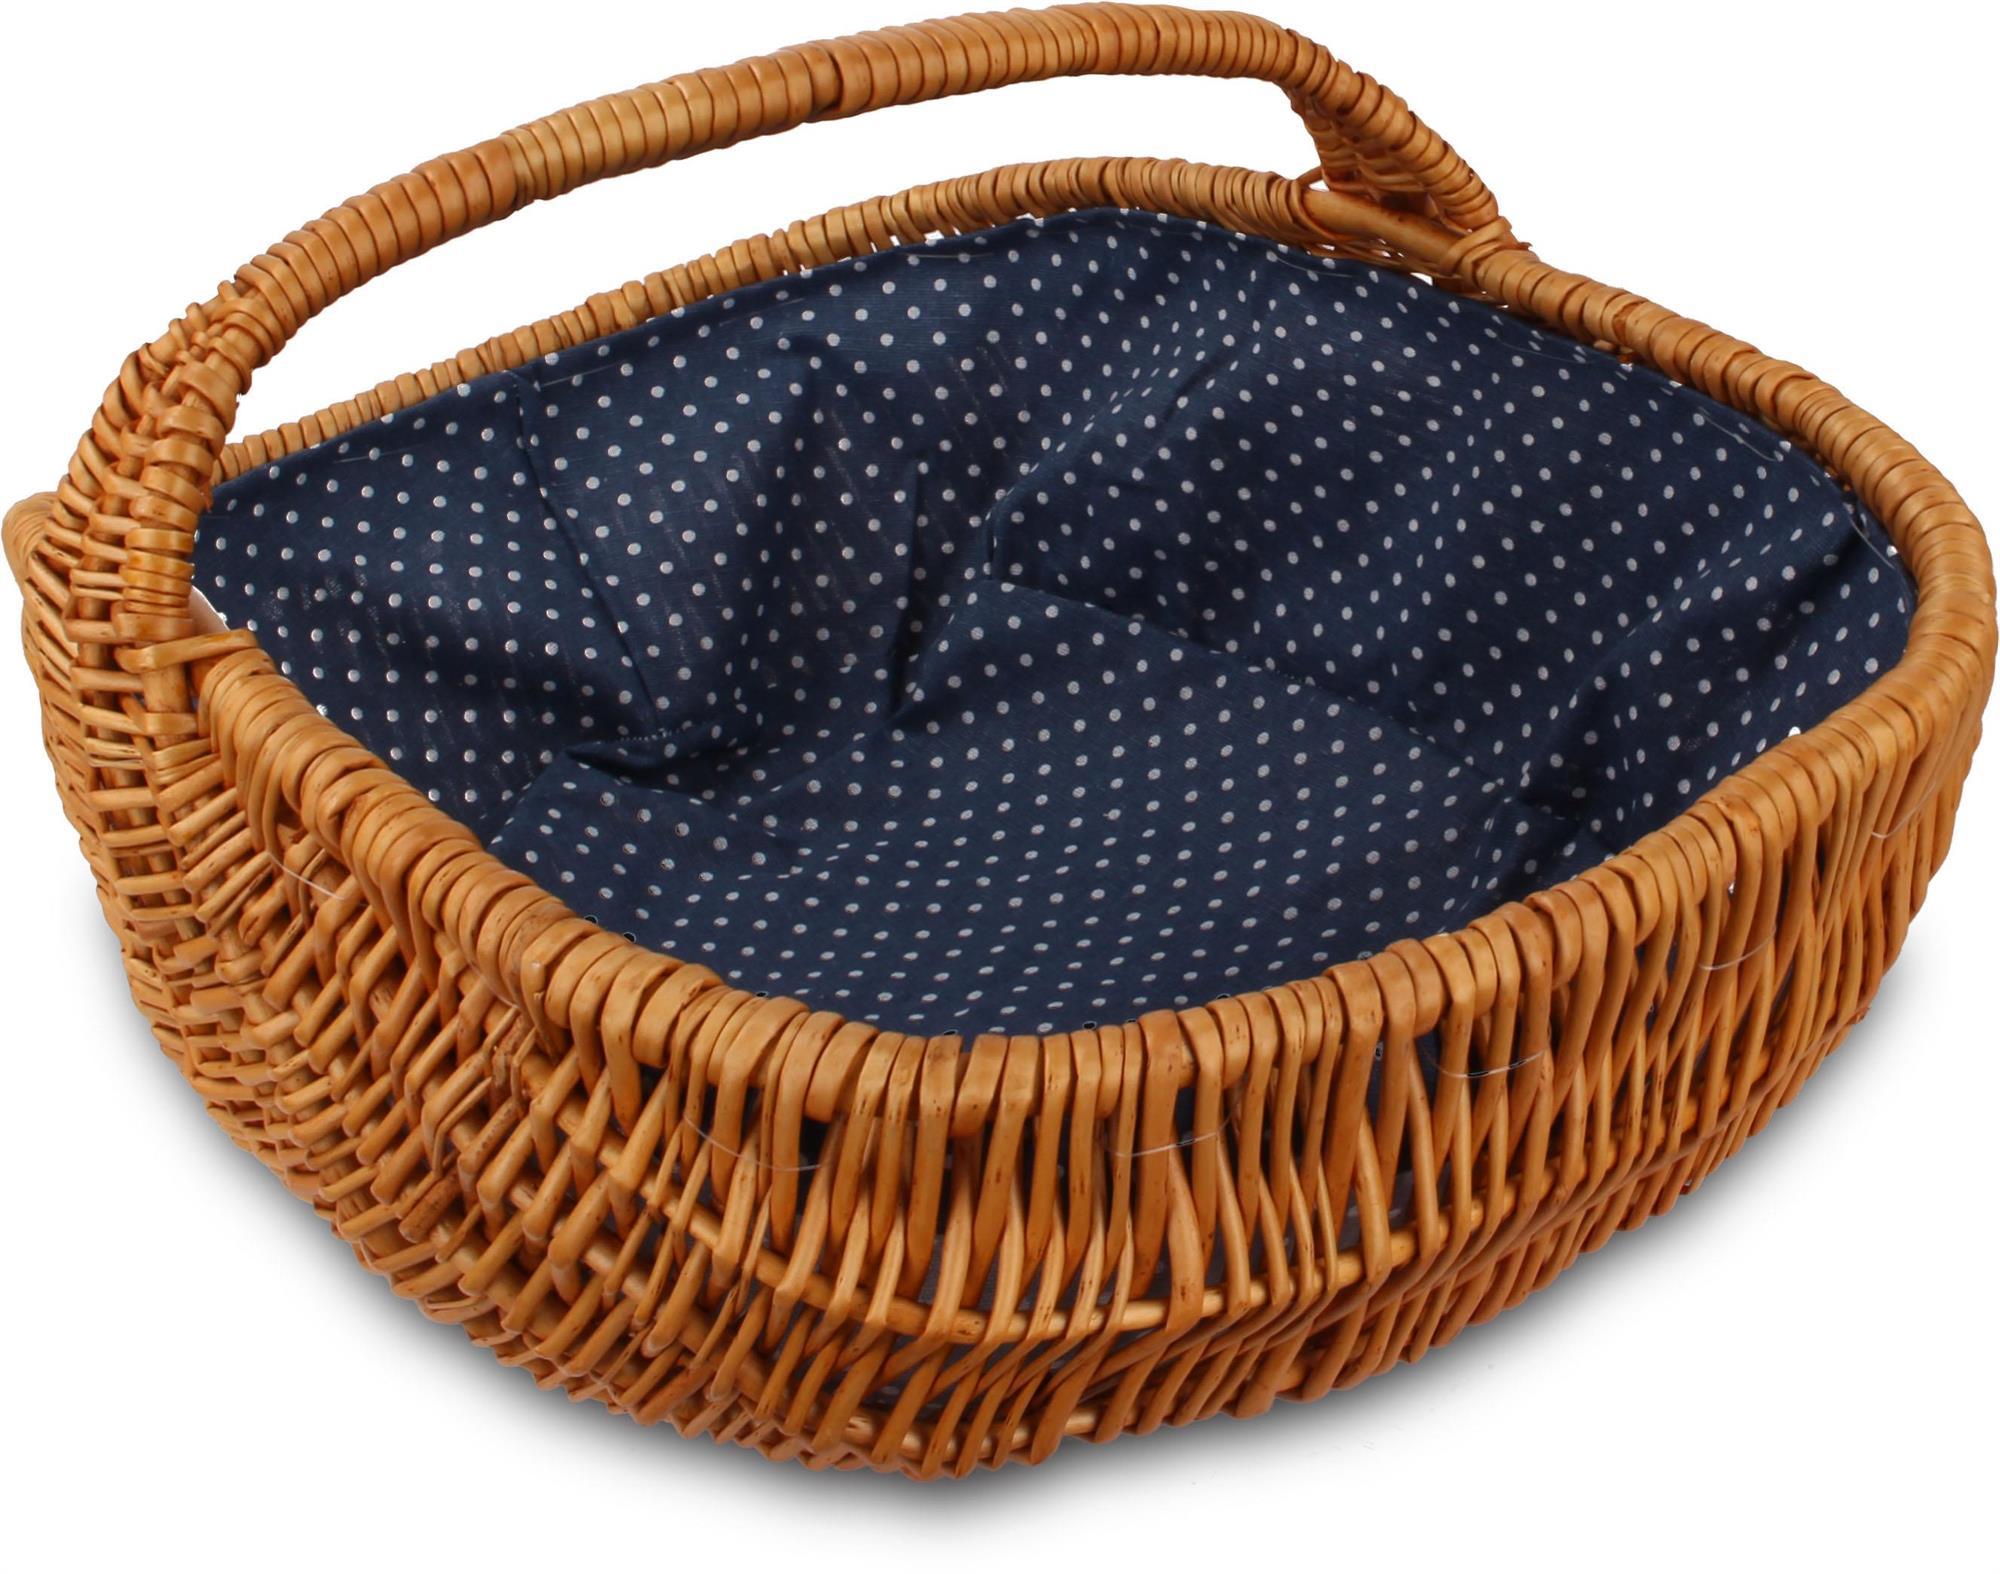 feiledi Trade Picknick-Korb mit Griff handgewebt aus Holz Korb-Aufbewahrungsbeh/älter Korb mit Abdeckung f/ür Home Camping Picknick Party im Freien beweglichen